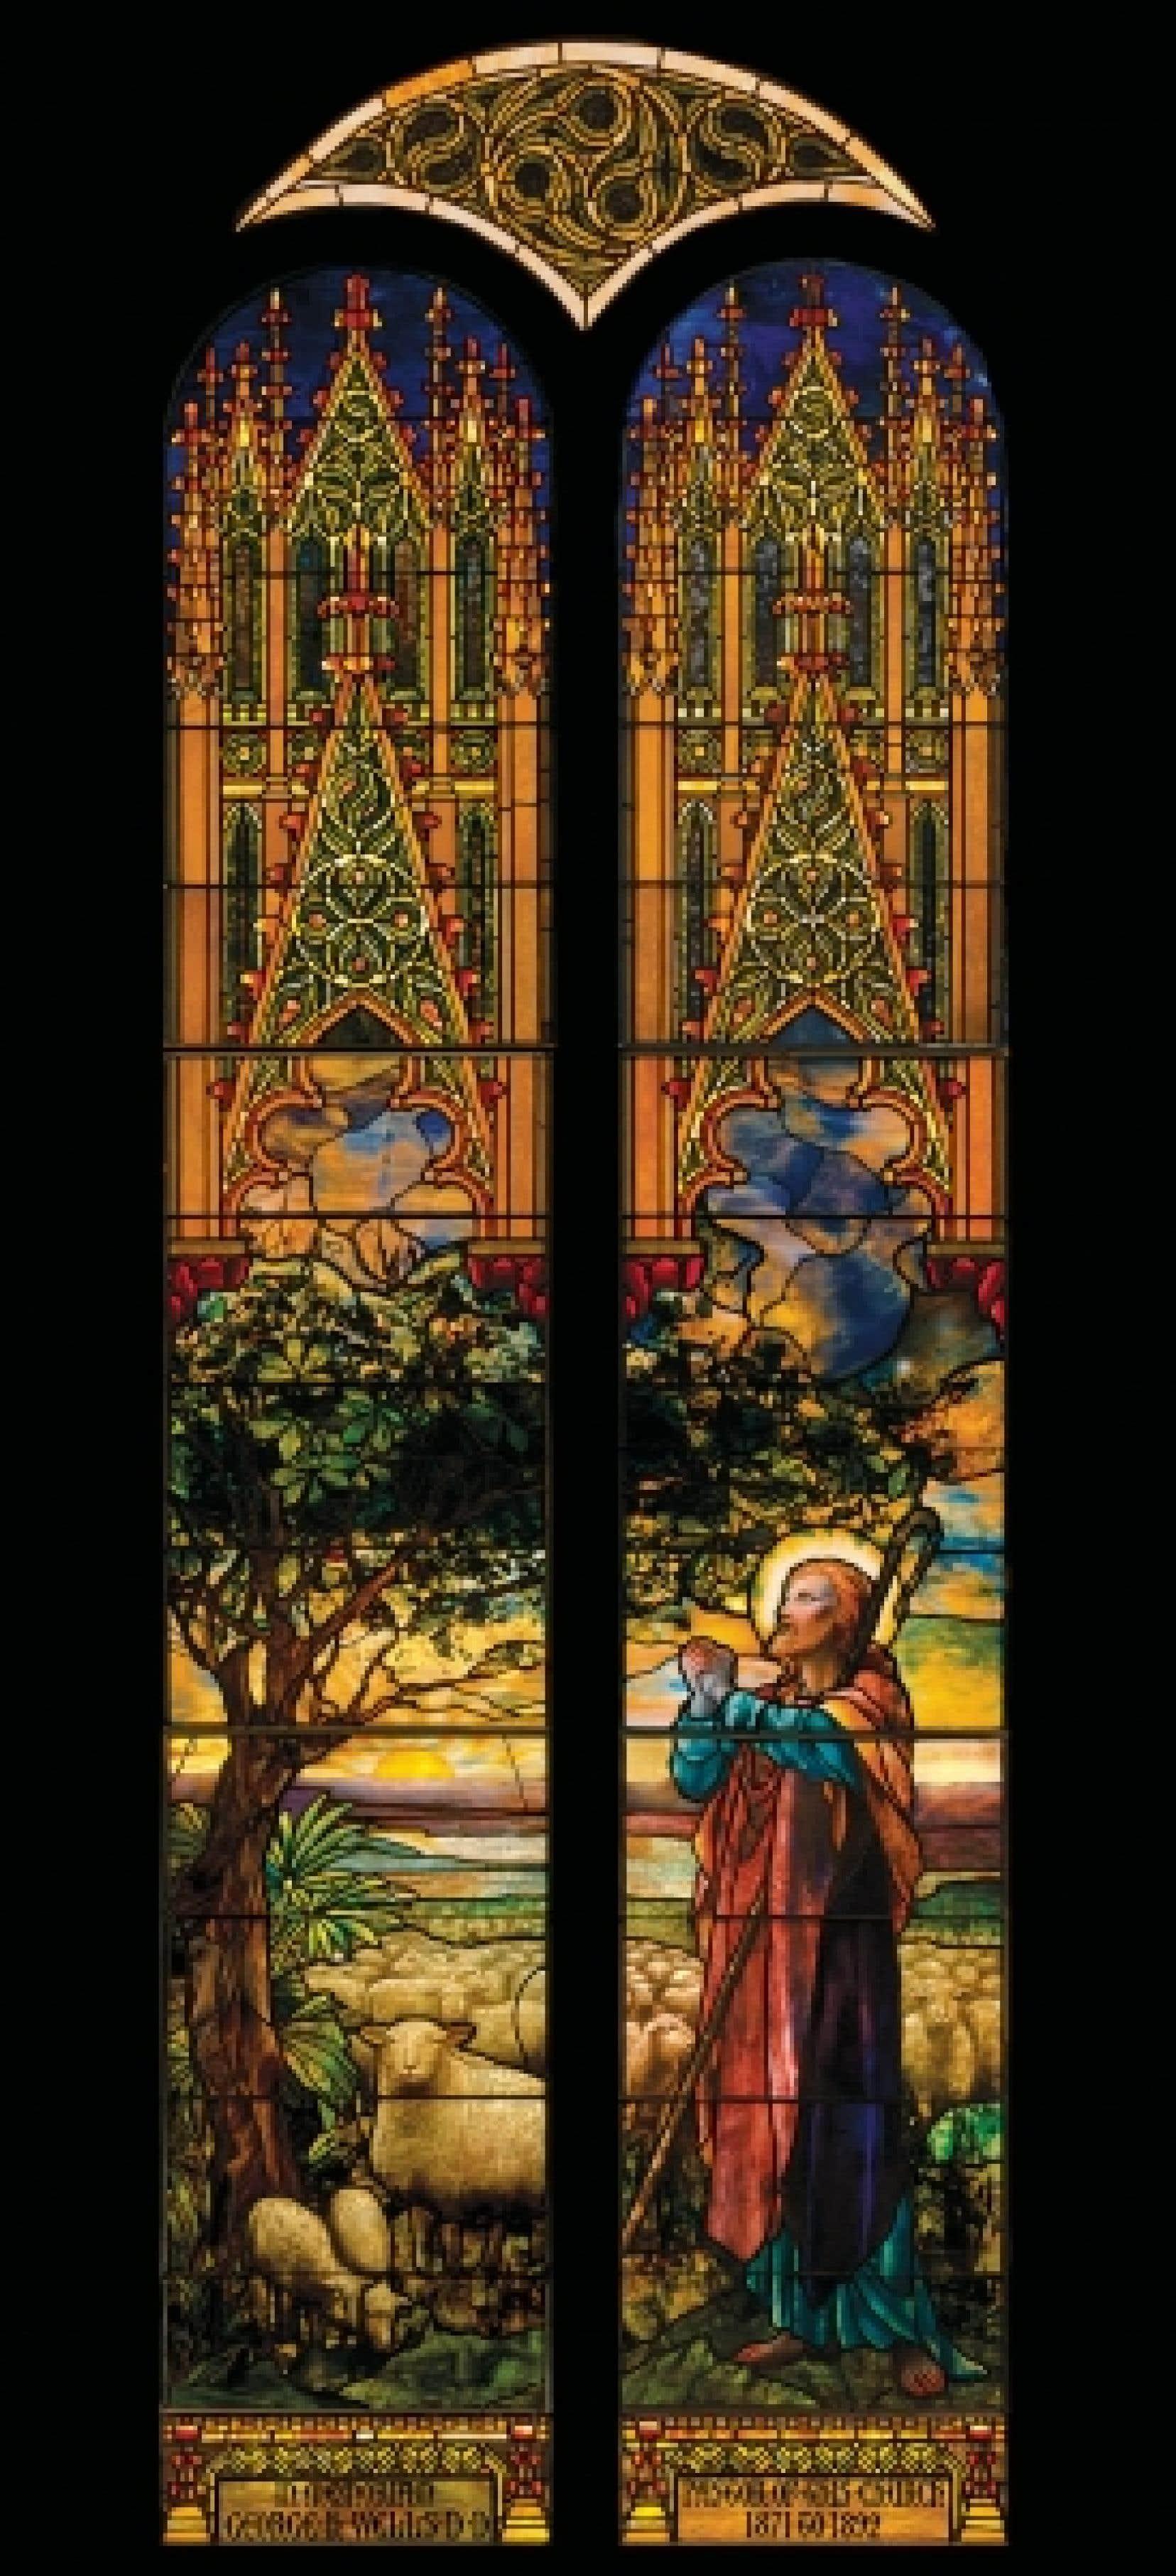 Louis C. Tiffany (1848-1933), Le Bon Pasteur, dessin de Frederick Wilson, 1897, verre, plomb.